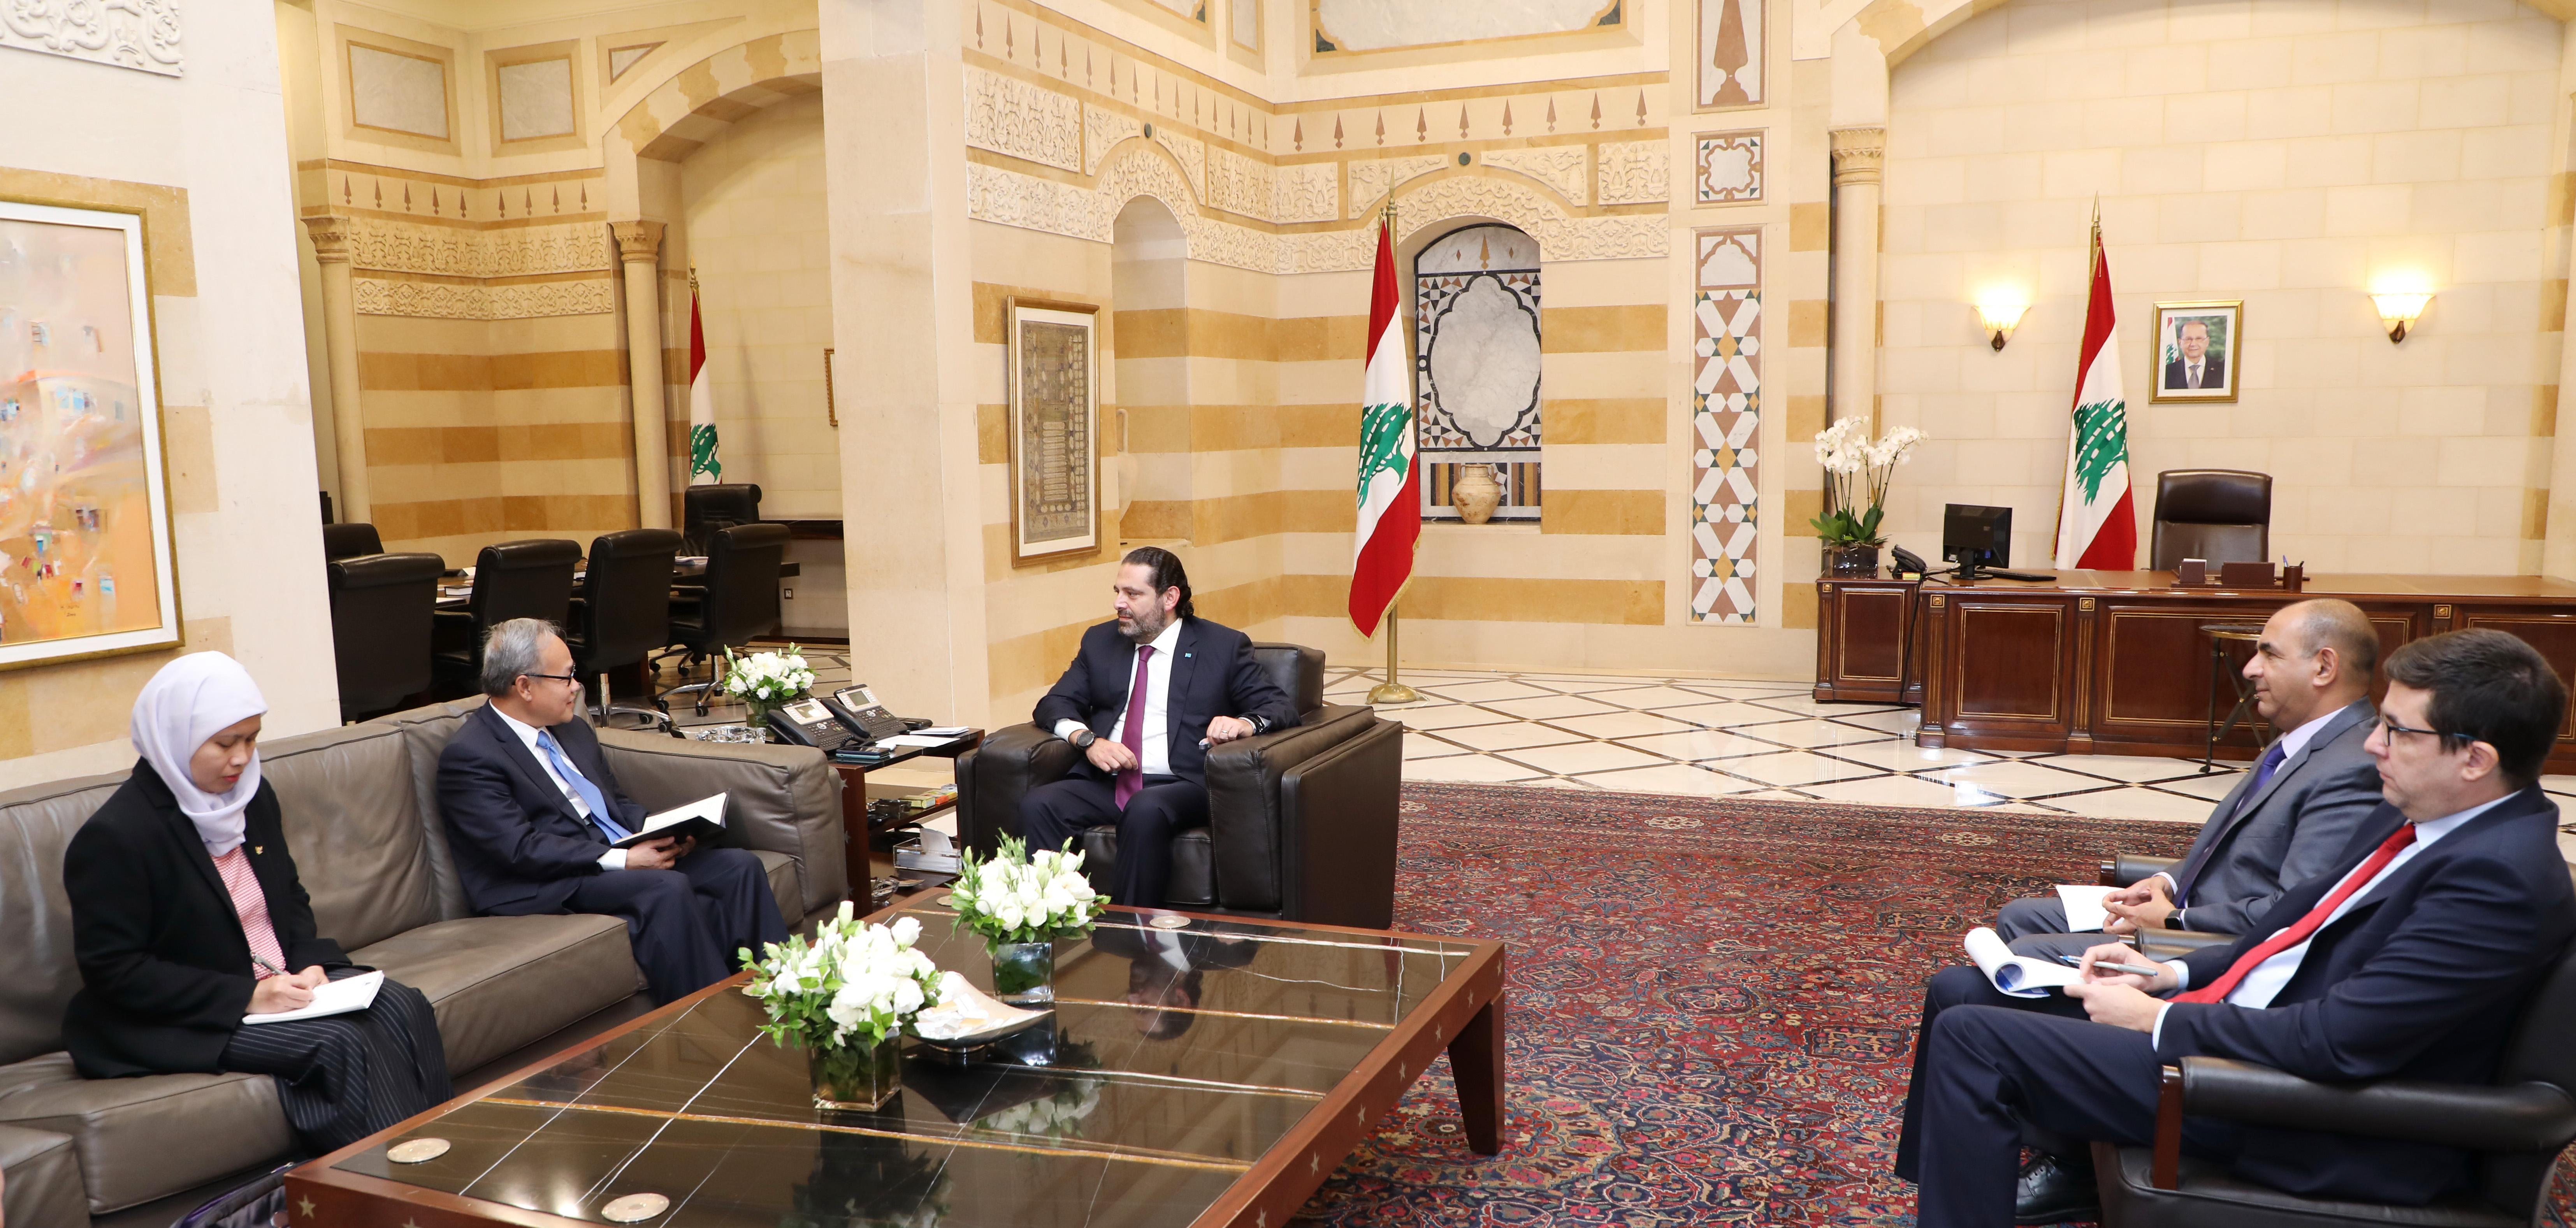 Pr Minister Saad Hariri meets Indonisian Ambassador